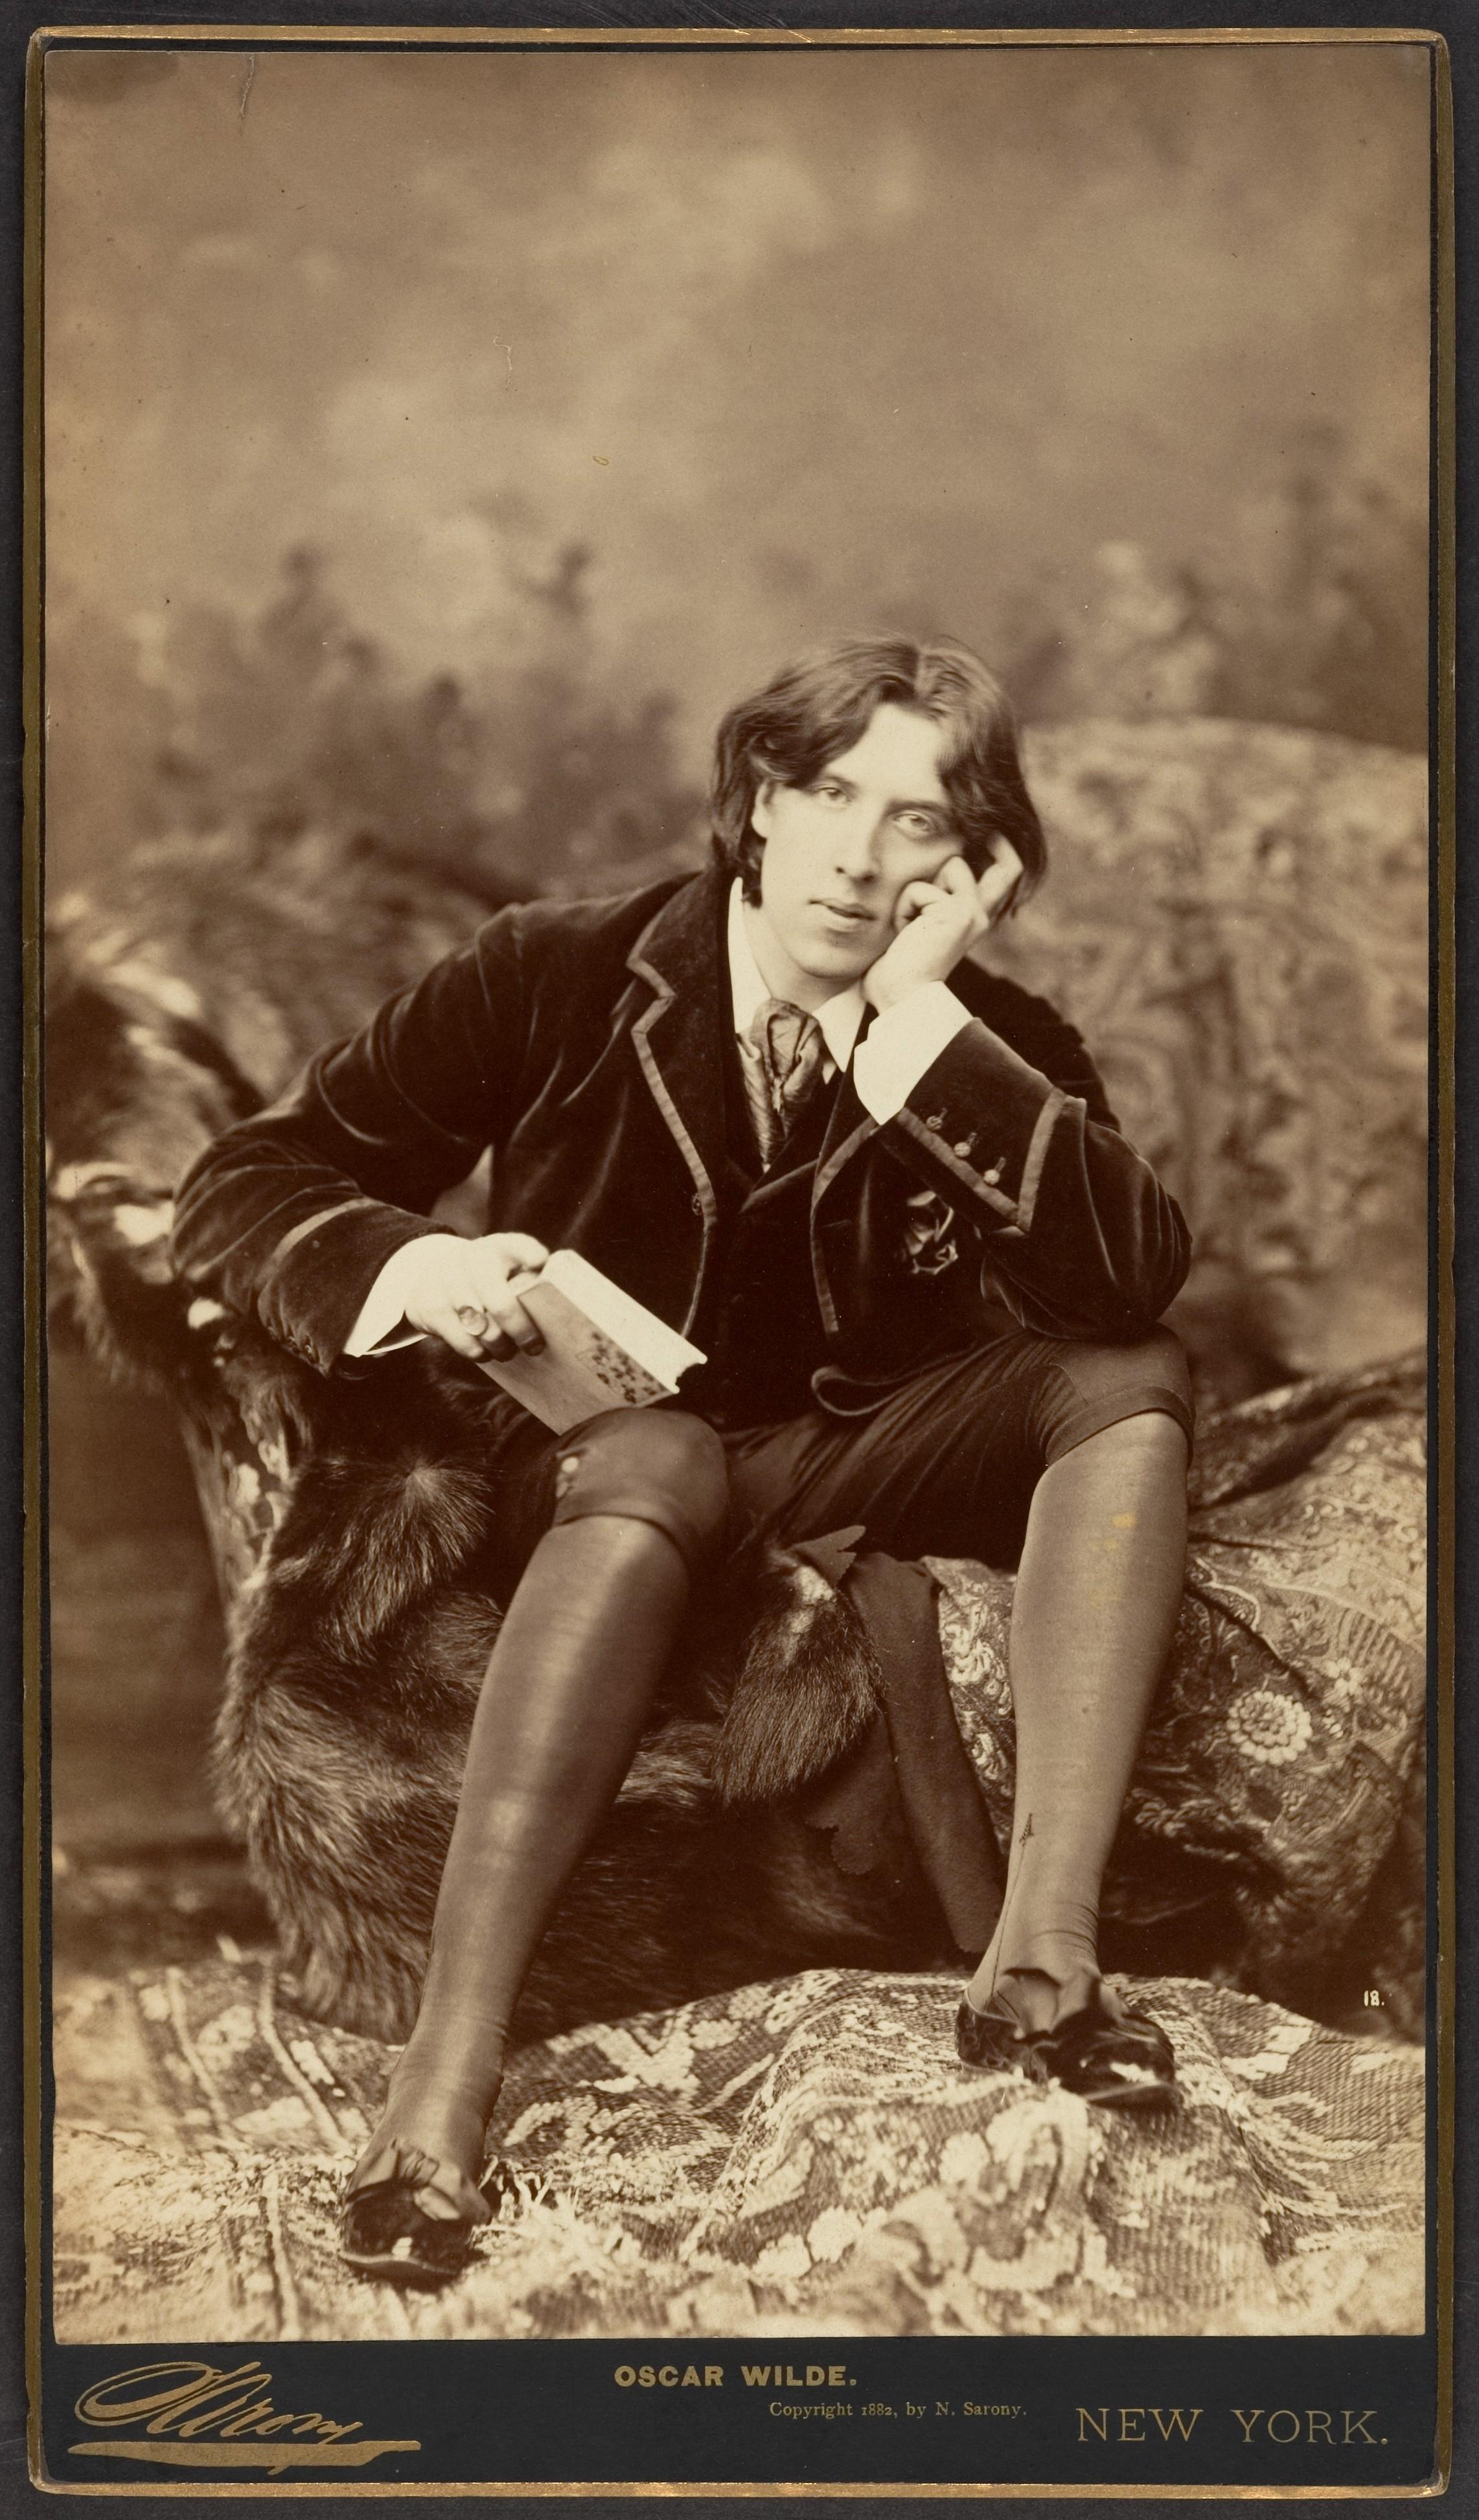 Oscar Wilde photo #105511, Oscar Wilde image